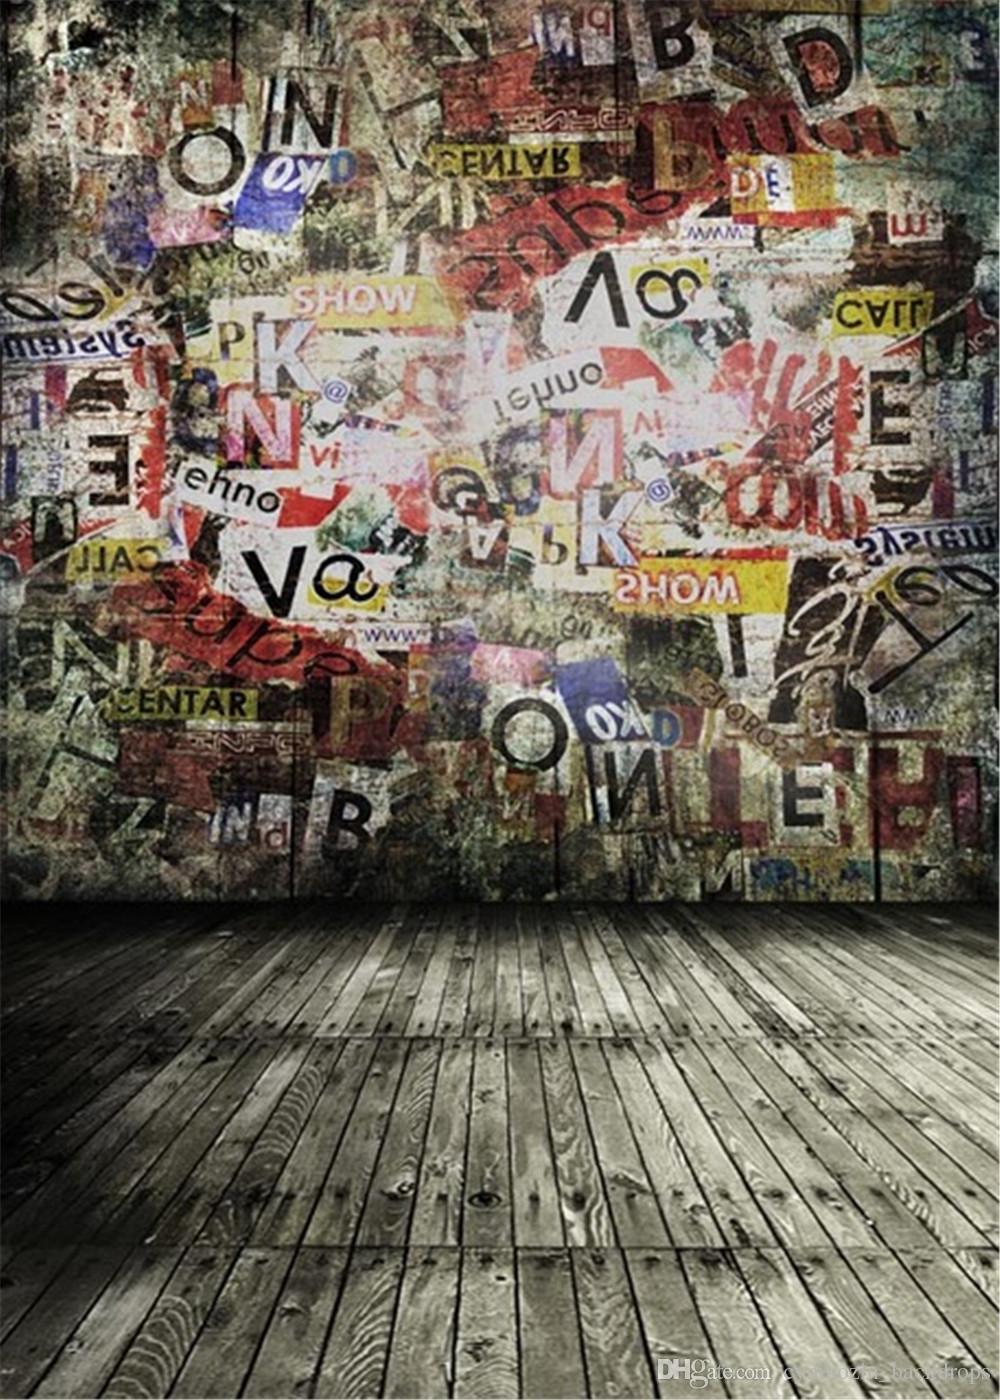 Compre retro vintage graffiti fotograf a de fondo de pared for Immagini graffiti hd